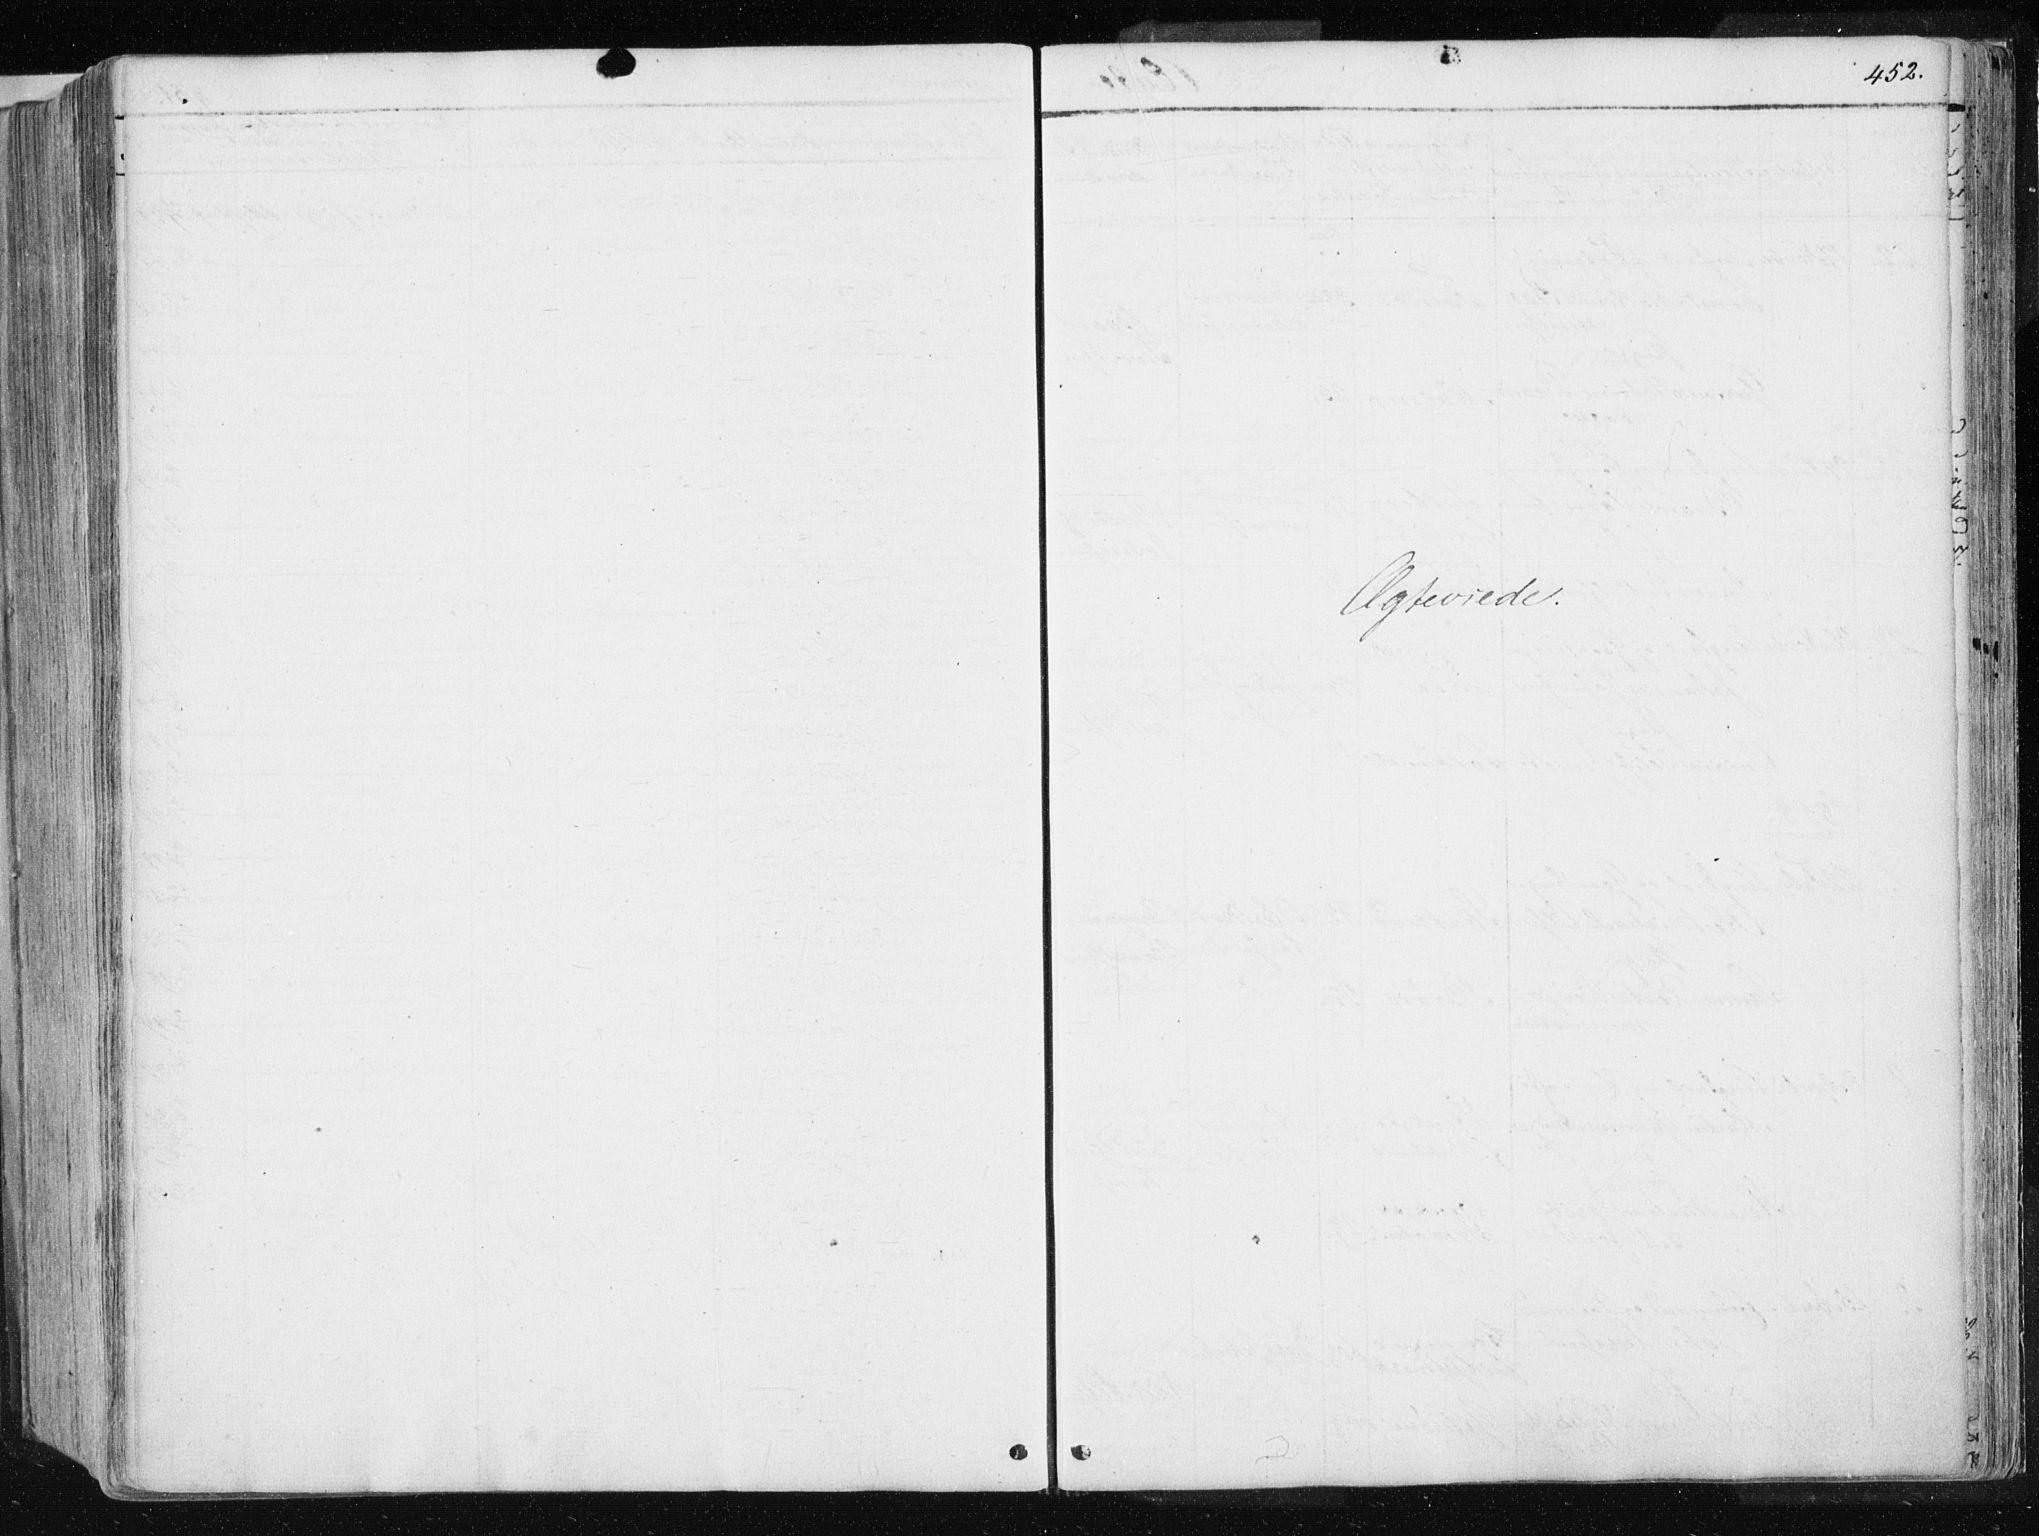 SAT, Ministerialprotokoller, klokkerbøker og fødselsregistre - Nord-Trøndelag, 741/L0393: Ministerialbok nr. 741A07, 1849-1863, s. 452